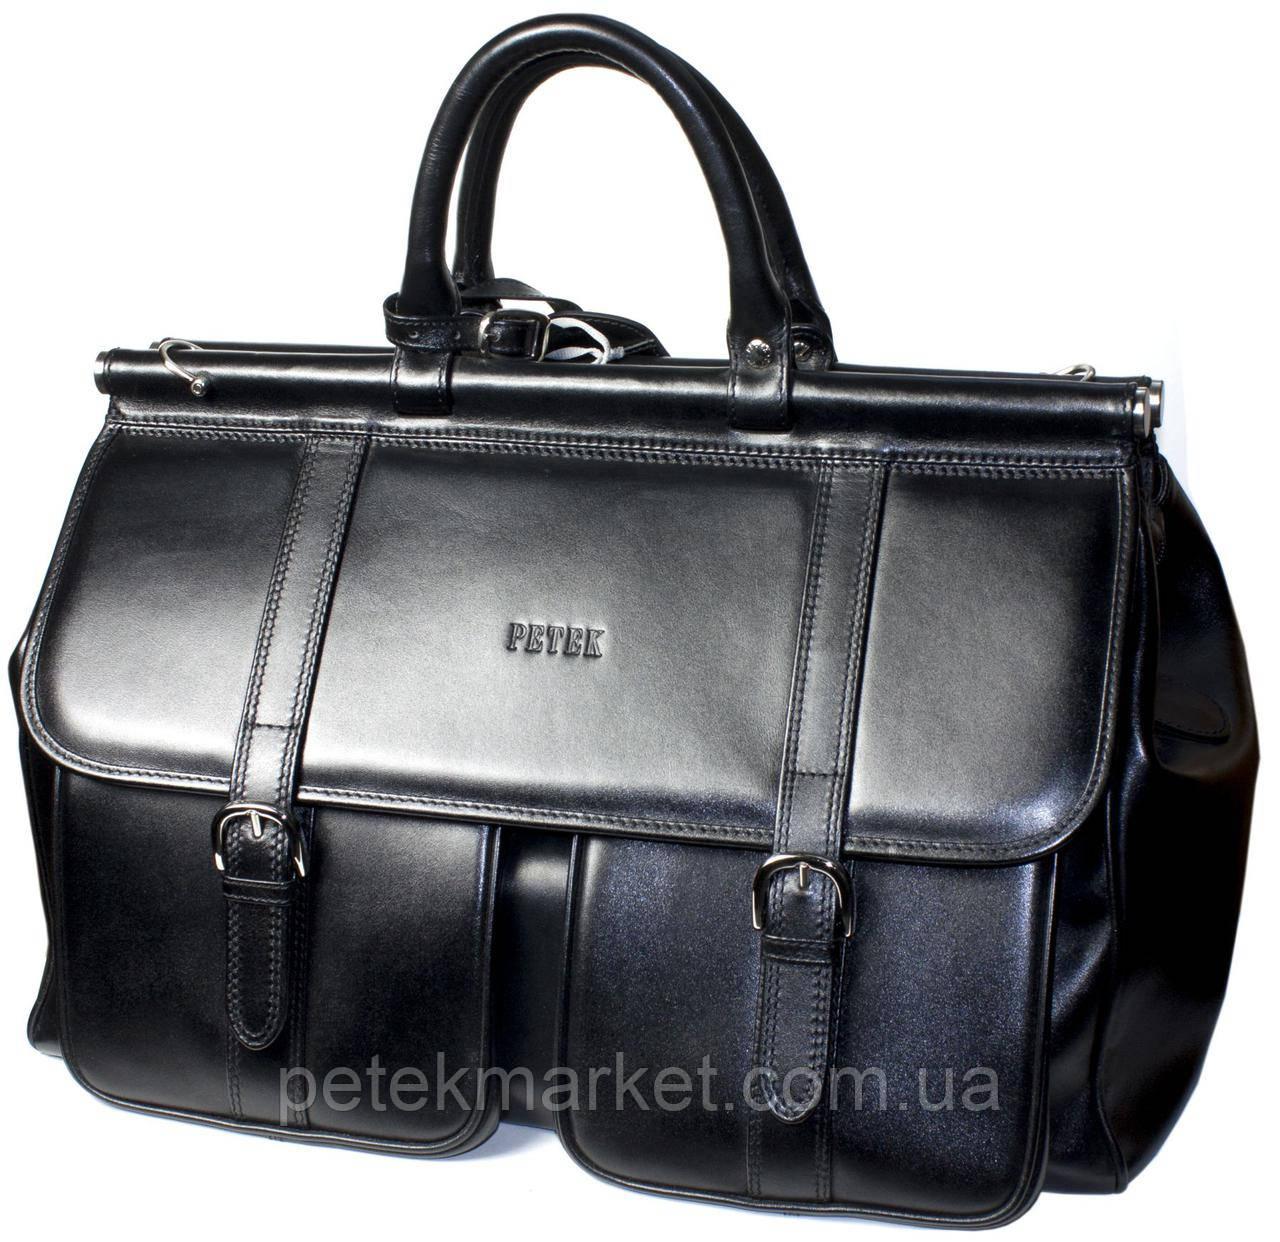 Саквояж PETEK 3815 Черный (3815-000-01)